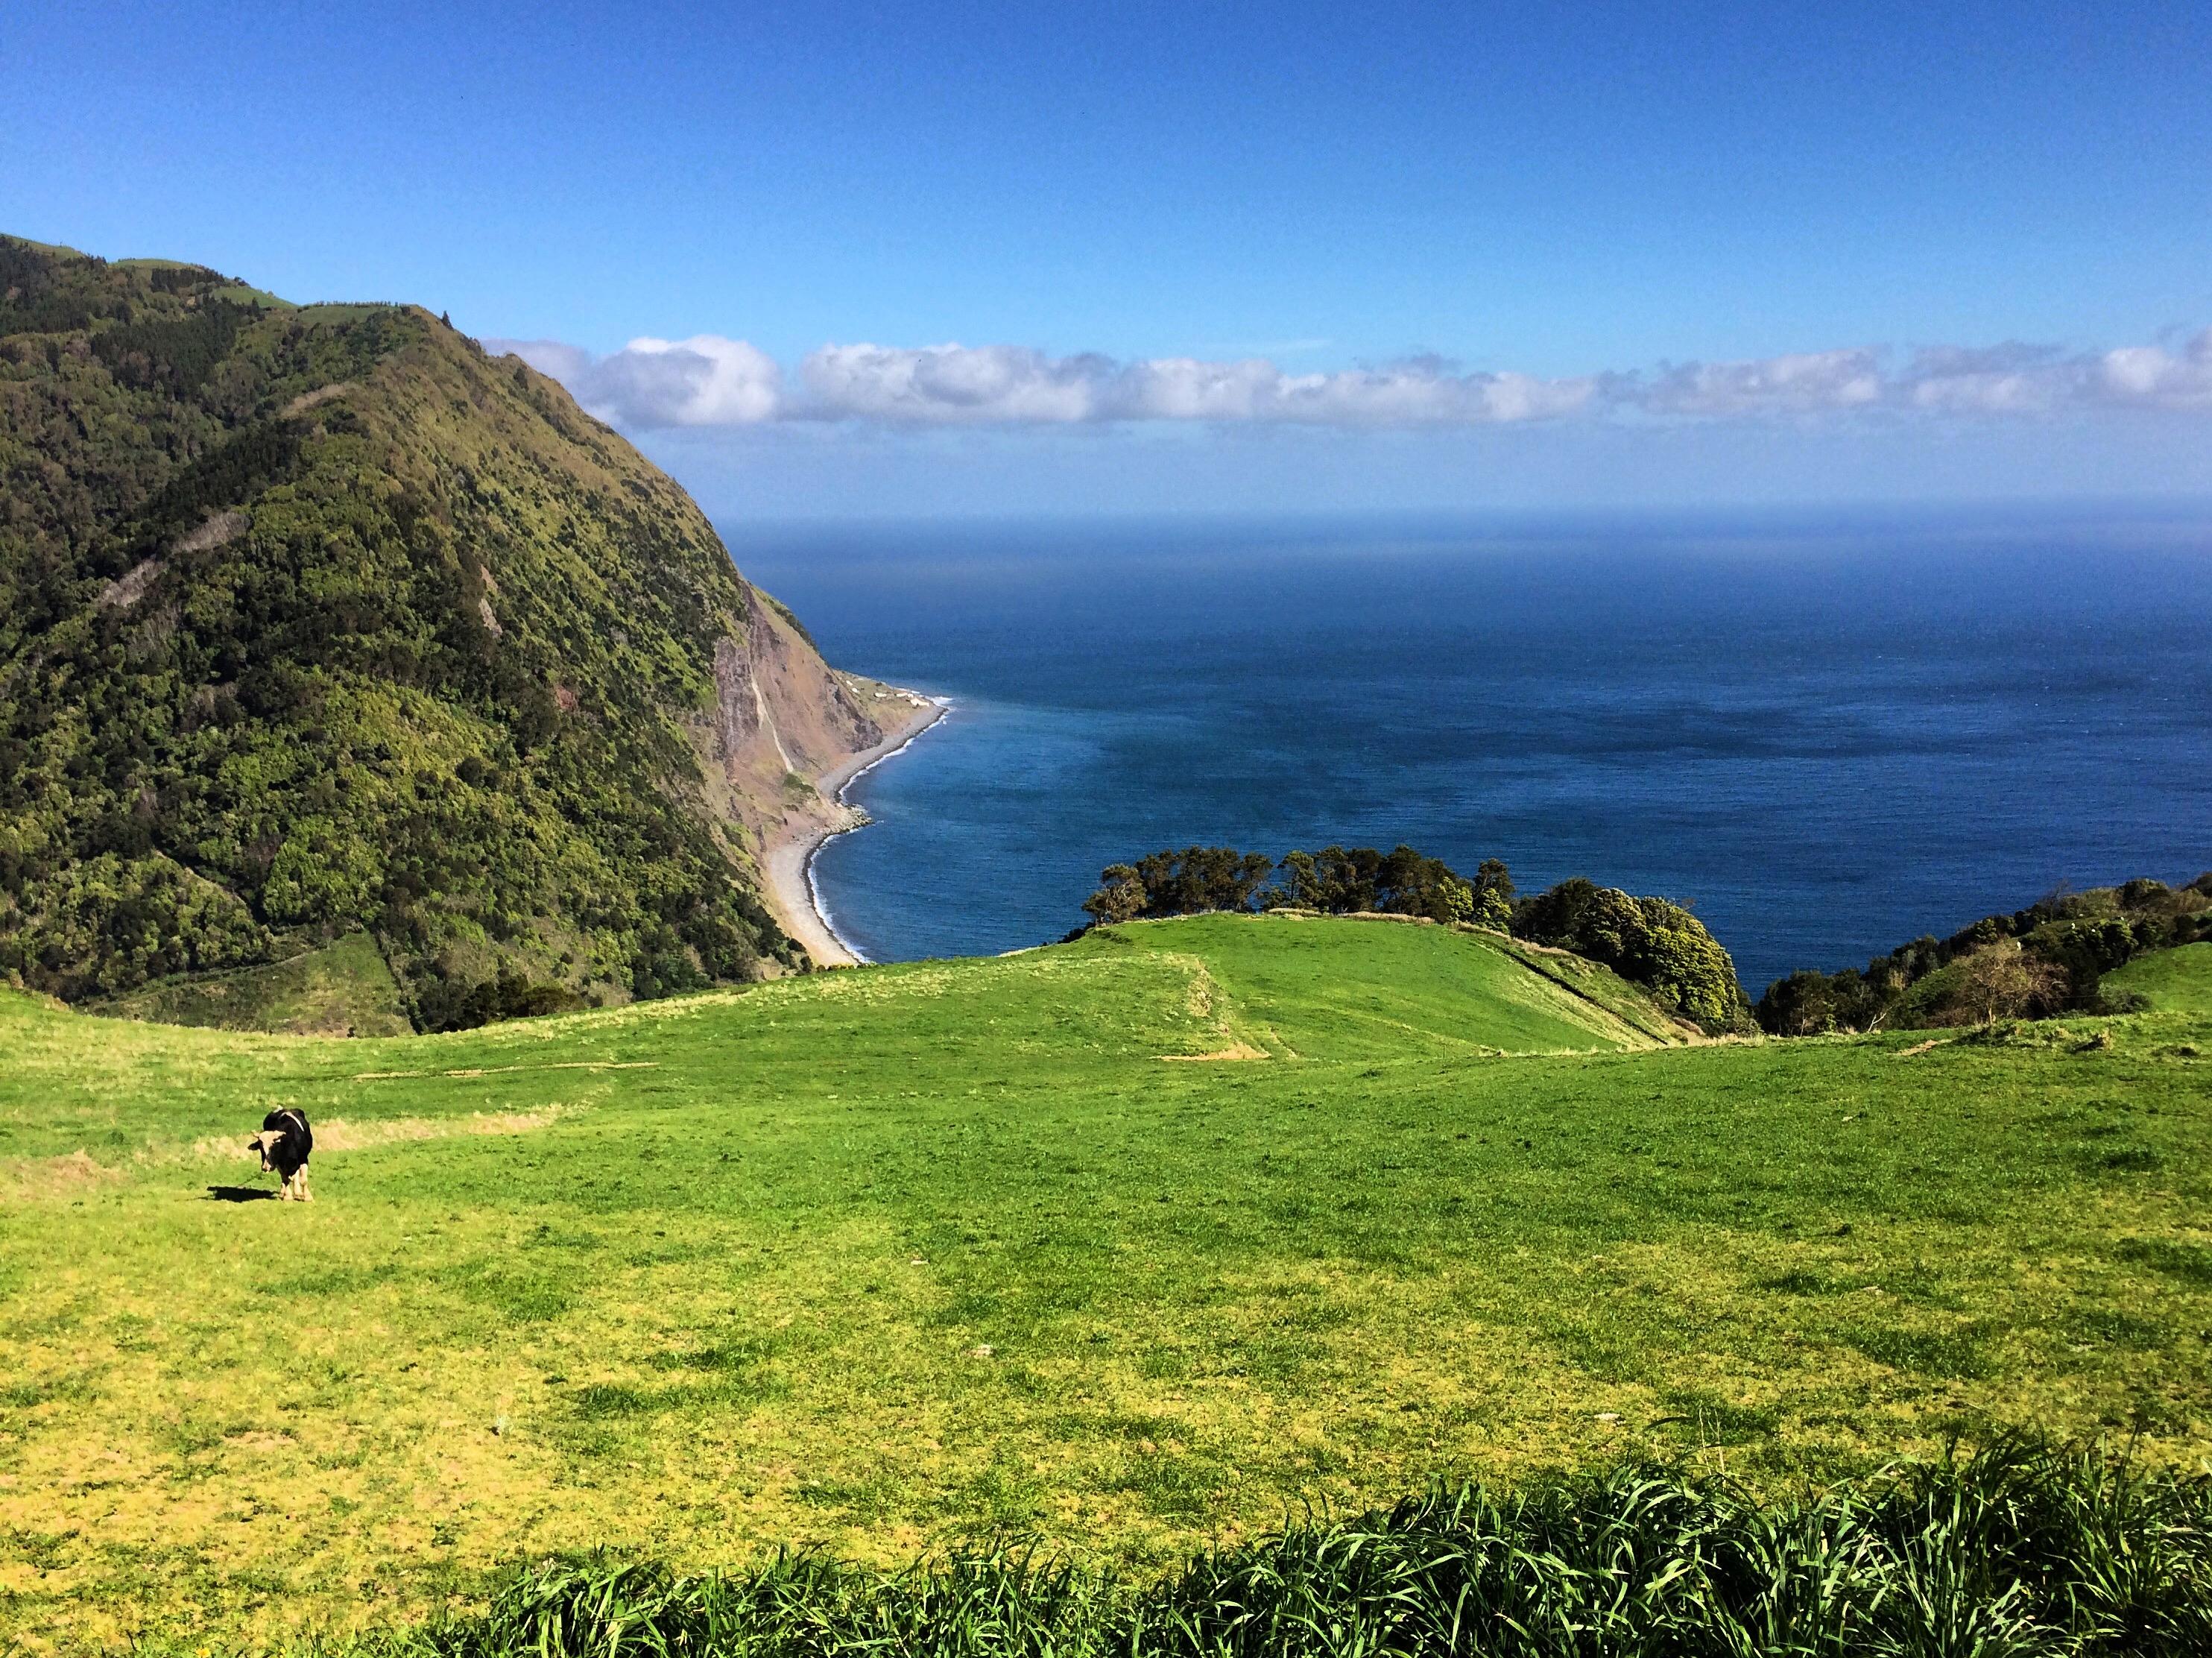 Azori-szigetek - Paradicsom az Atlanti-óceán közepén